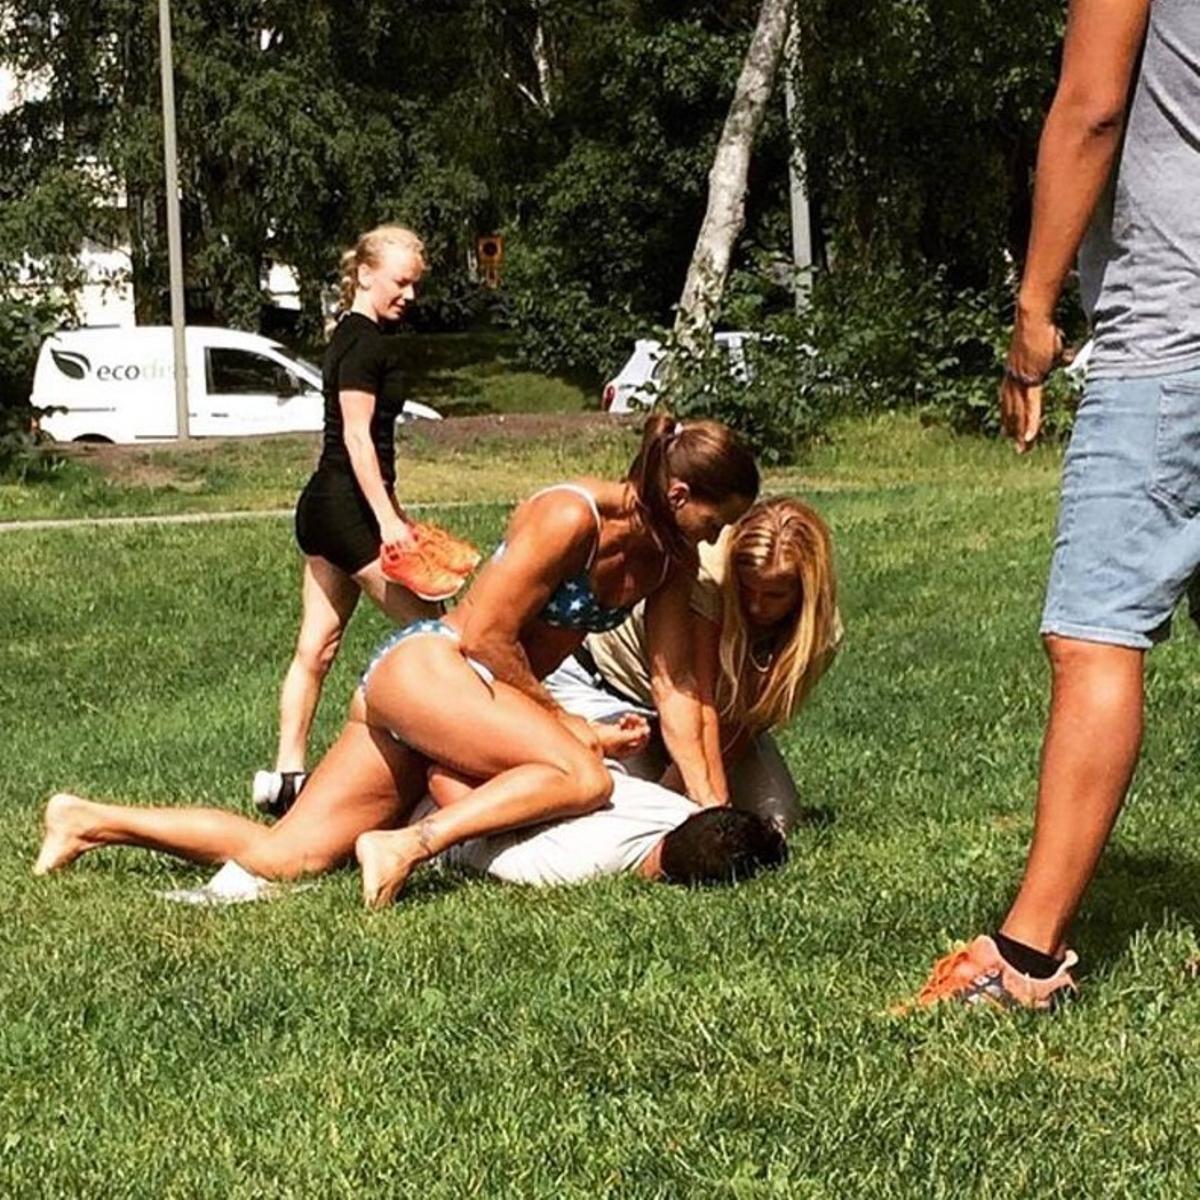 Mikaela Kellner, en bikini, sobre el ladrón que intentó robar a su amiga, el miércoles en Estocolmo.